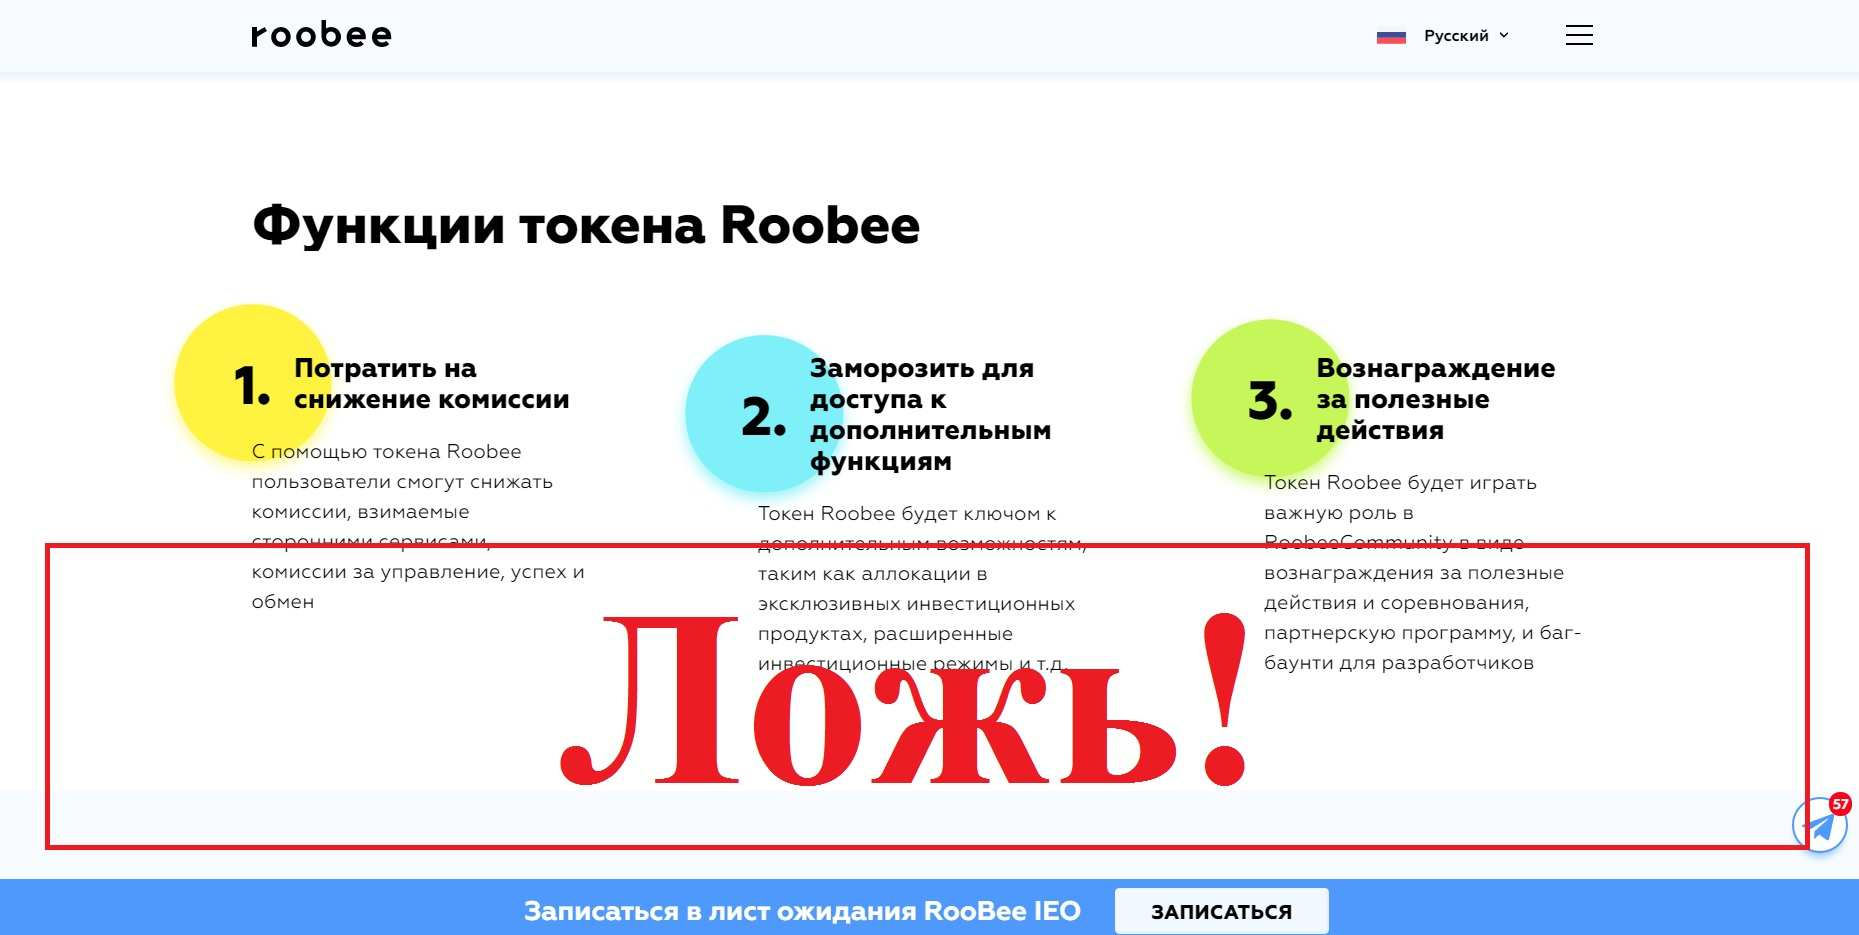 Roobee – отзывы о платформе roobee